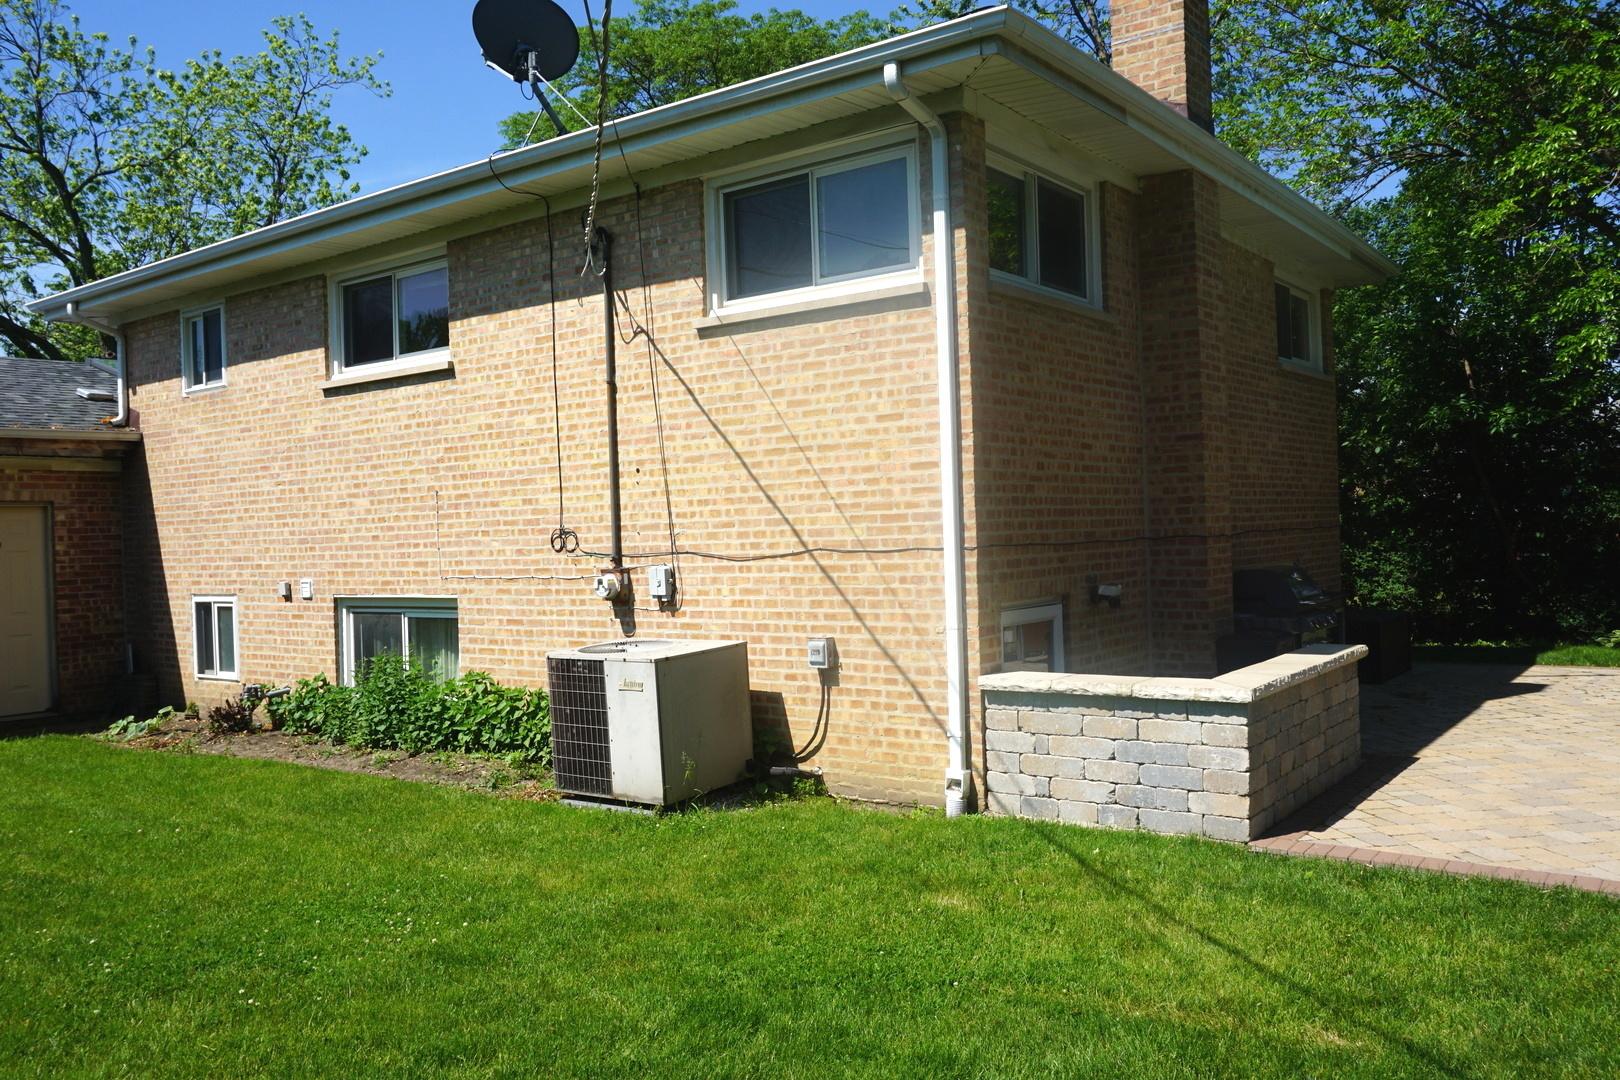 2540 Linda, Glenview, Illinois, 60025